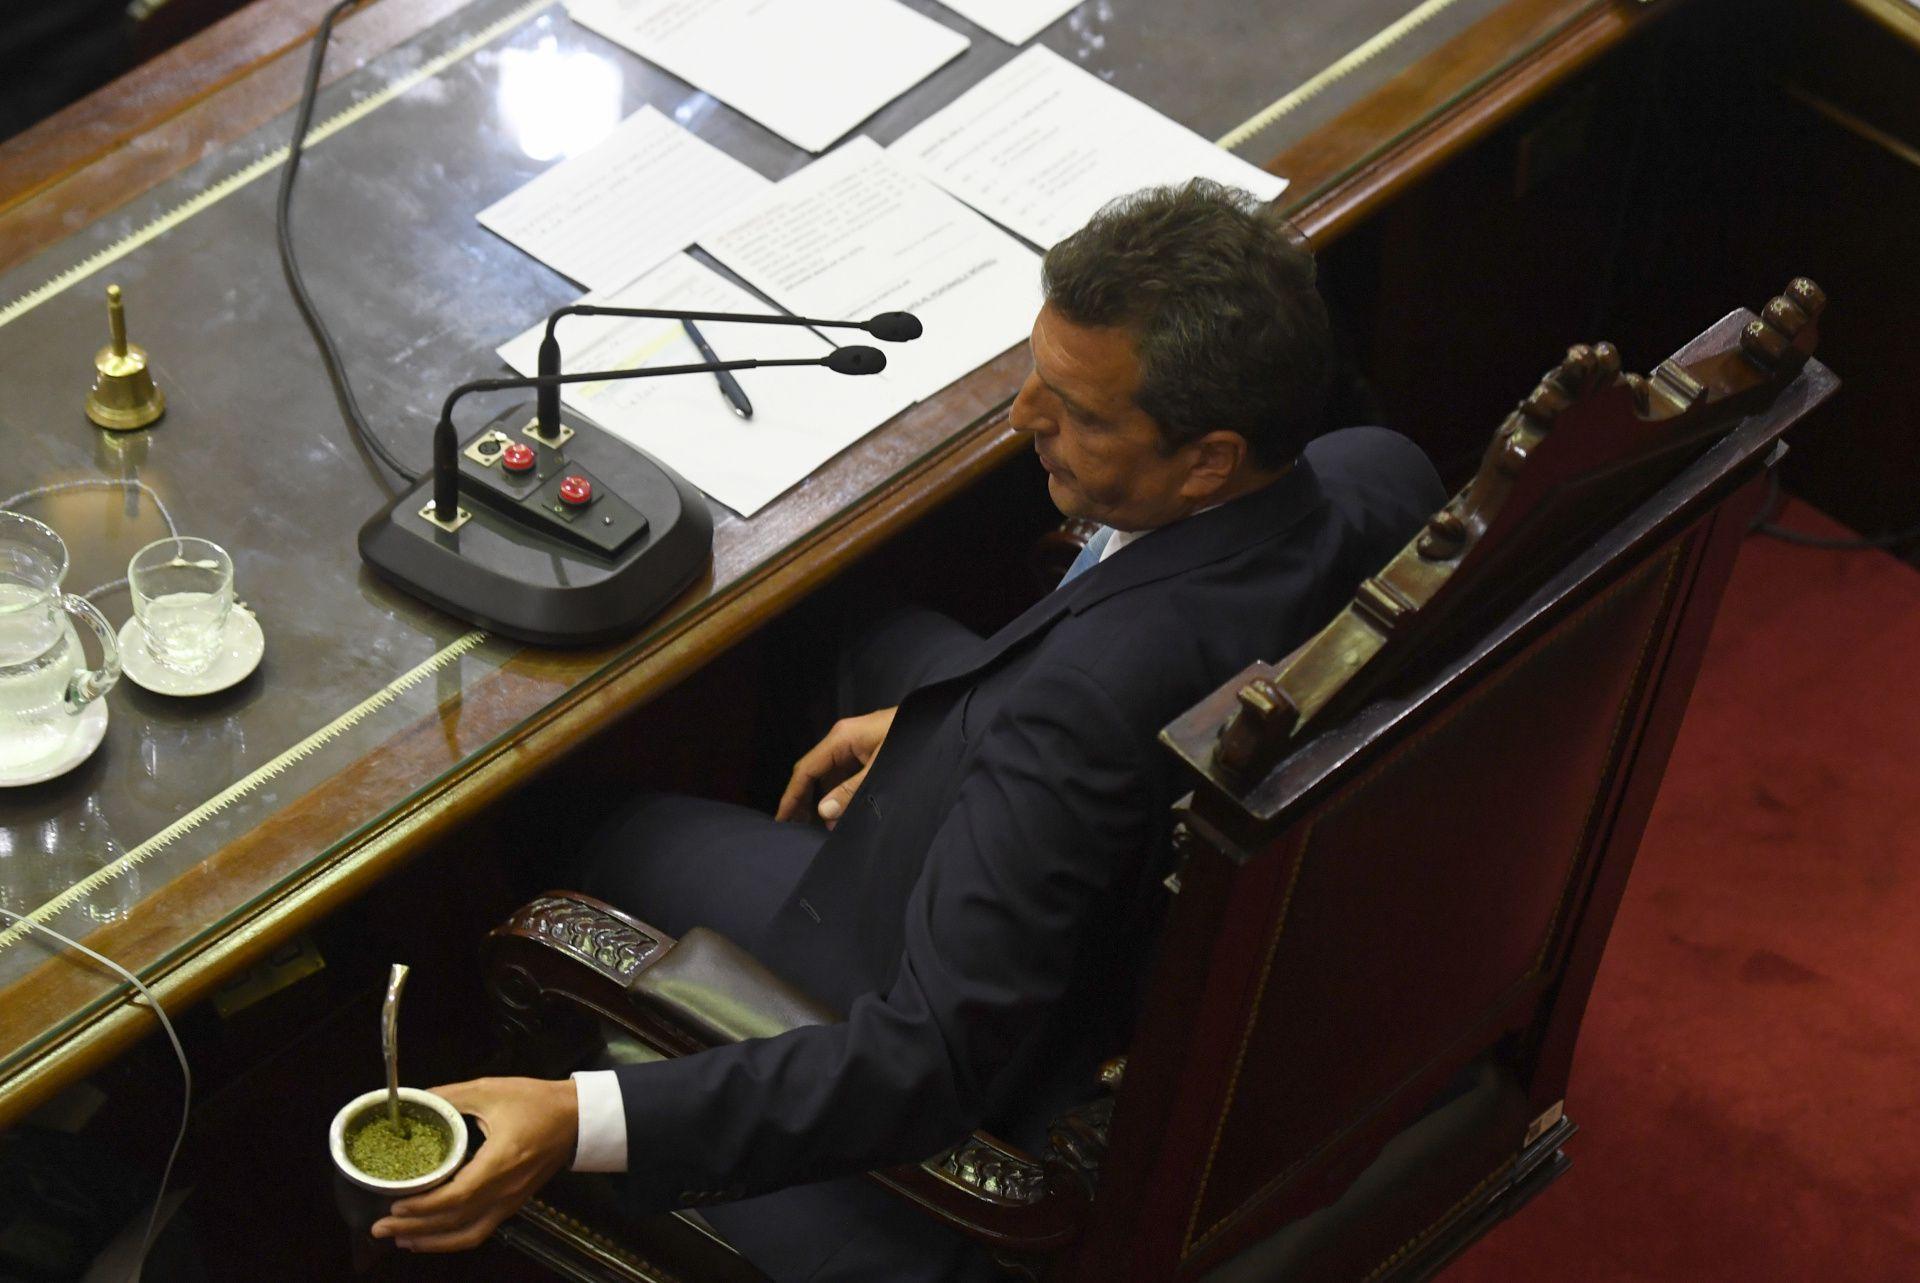 El presidente de la Cámara de Diputados estuvo aislado en su casa durante el fin de semana (Maximiliano Luna)